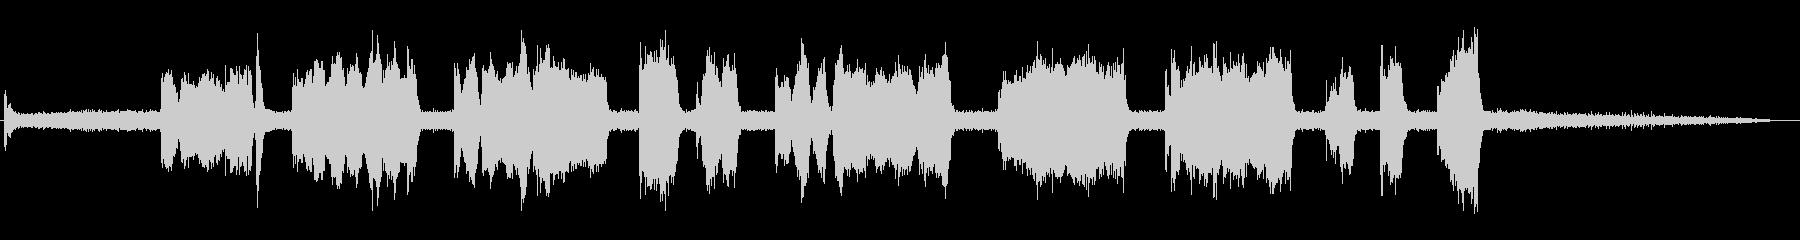 アングルグラインダー-研削金属の未再生の波形